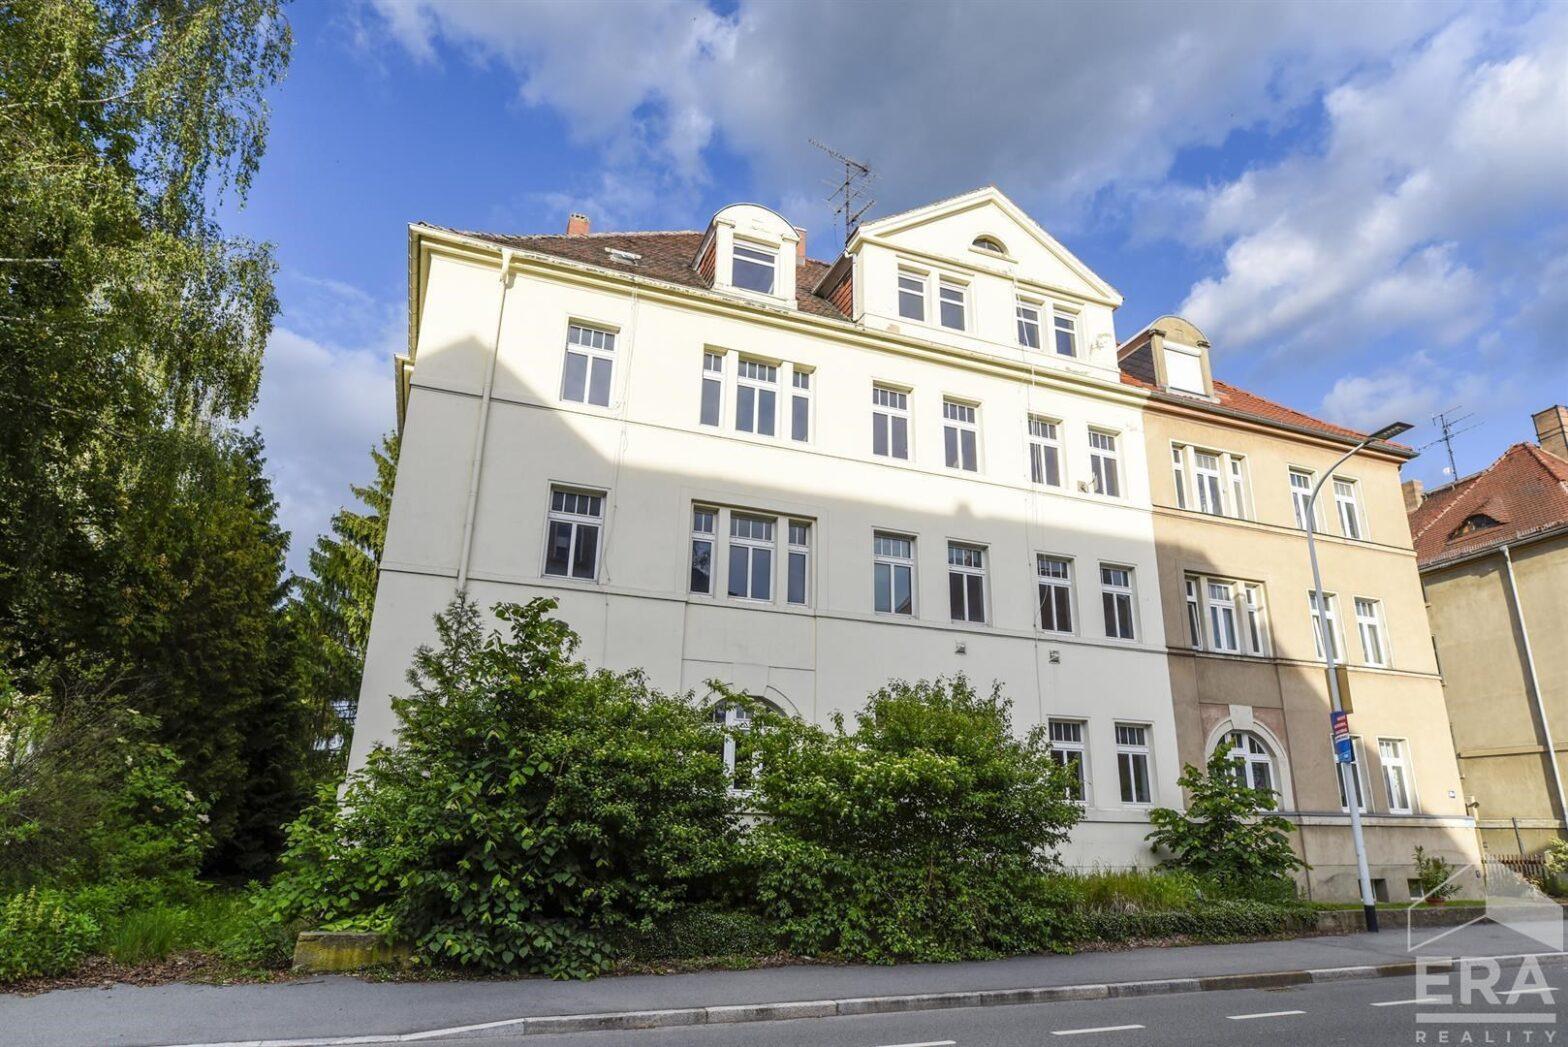 Prodej bytového domu v Žitavě